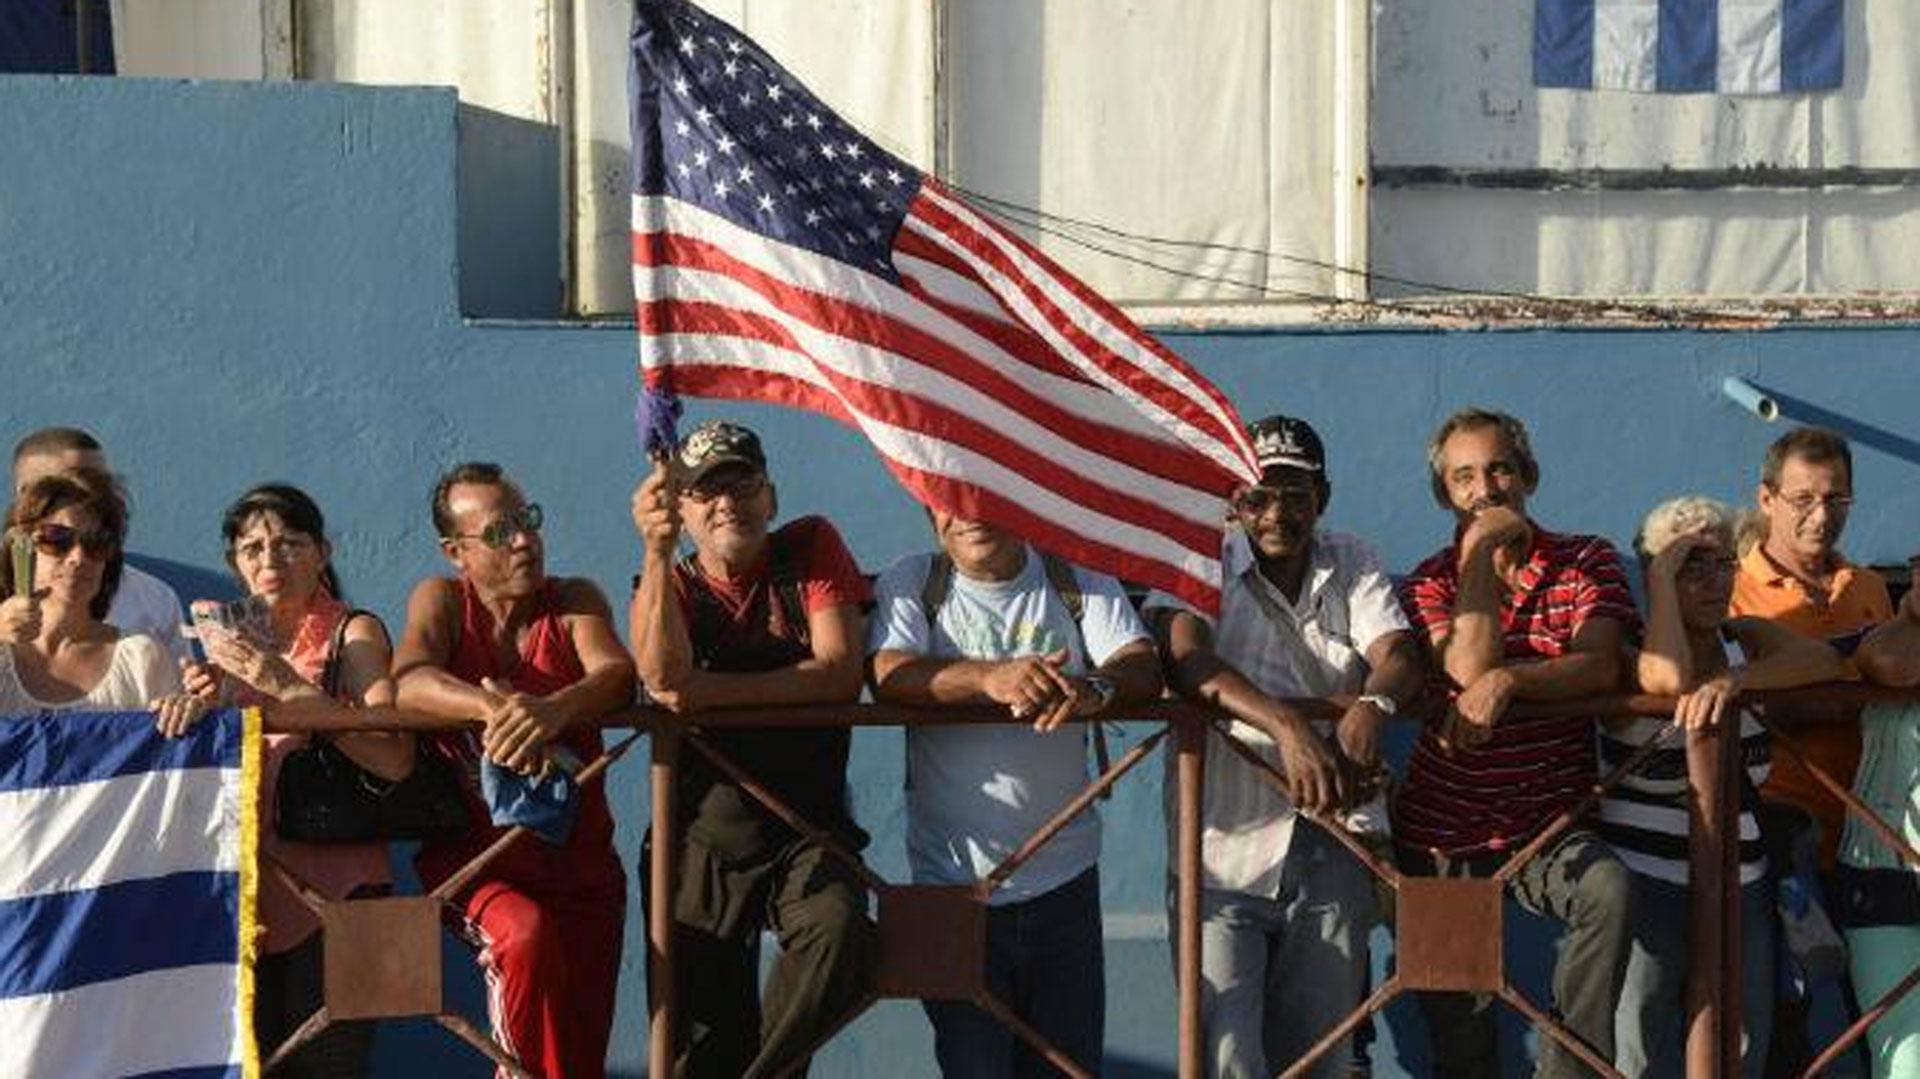 Las colas cada vez menos nutridas son muestras de la desaceleración en el otorgamiento de visas de turistas a los cubanos que desean viajar fuera de la Isla